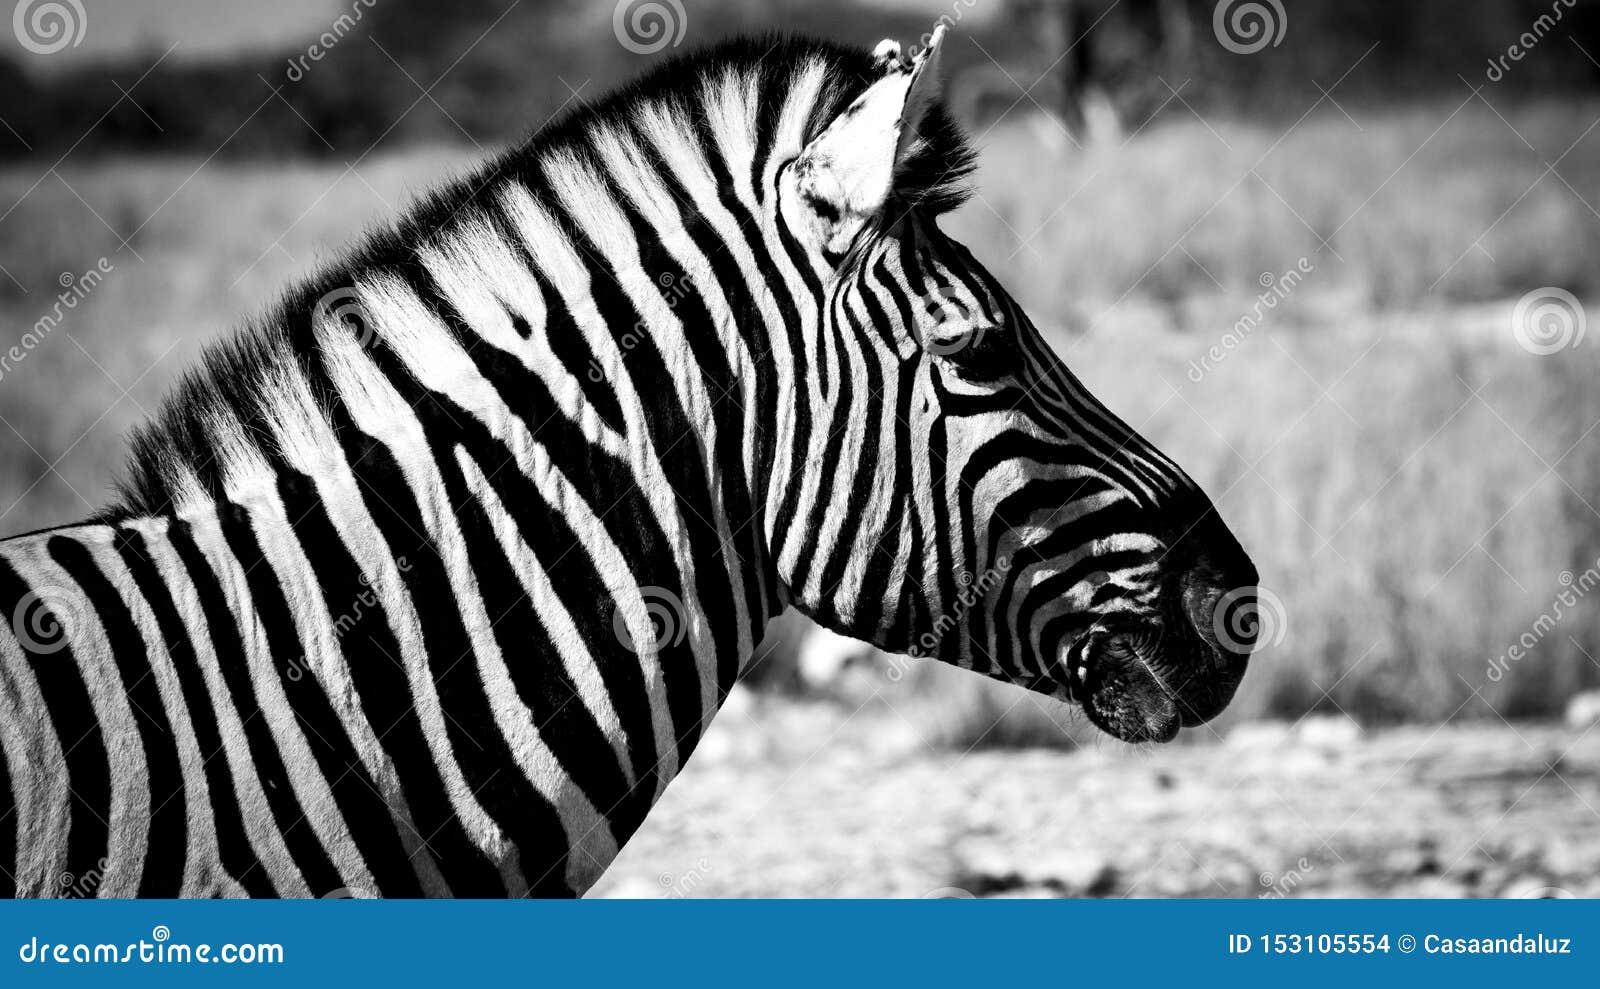 Close-up de uma zebra em preto e branco